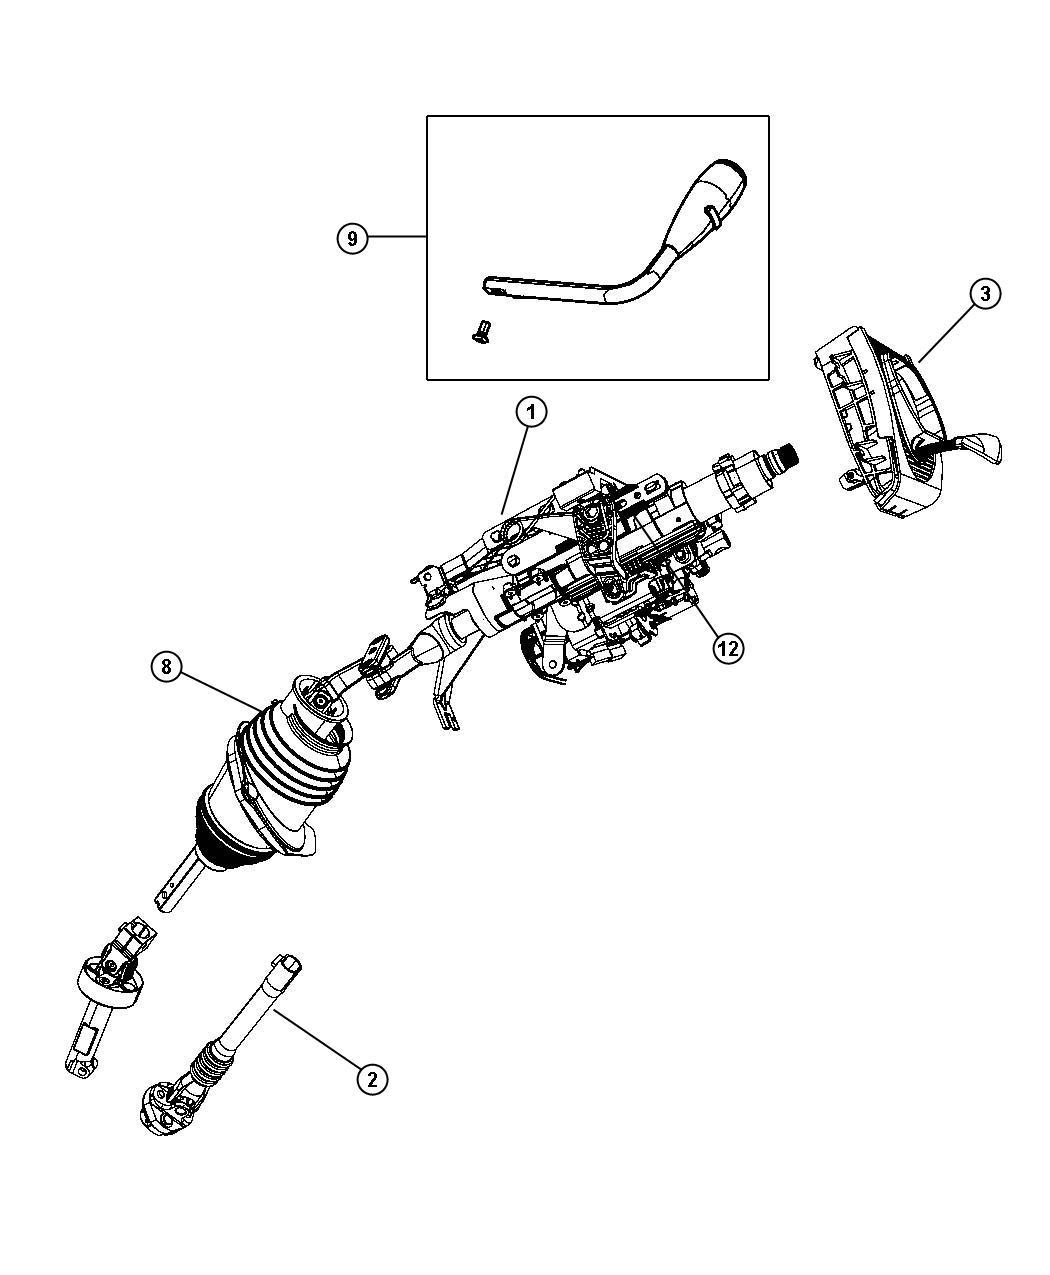 Service manual [2005 Chrysler 300c Tilt Steering Column